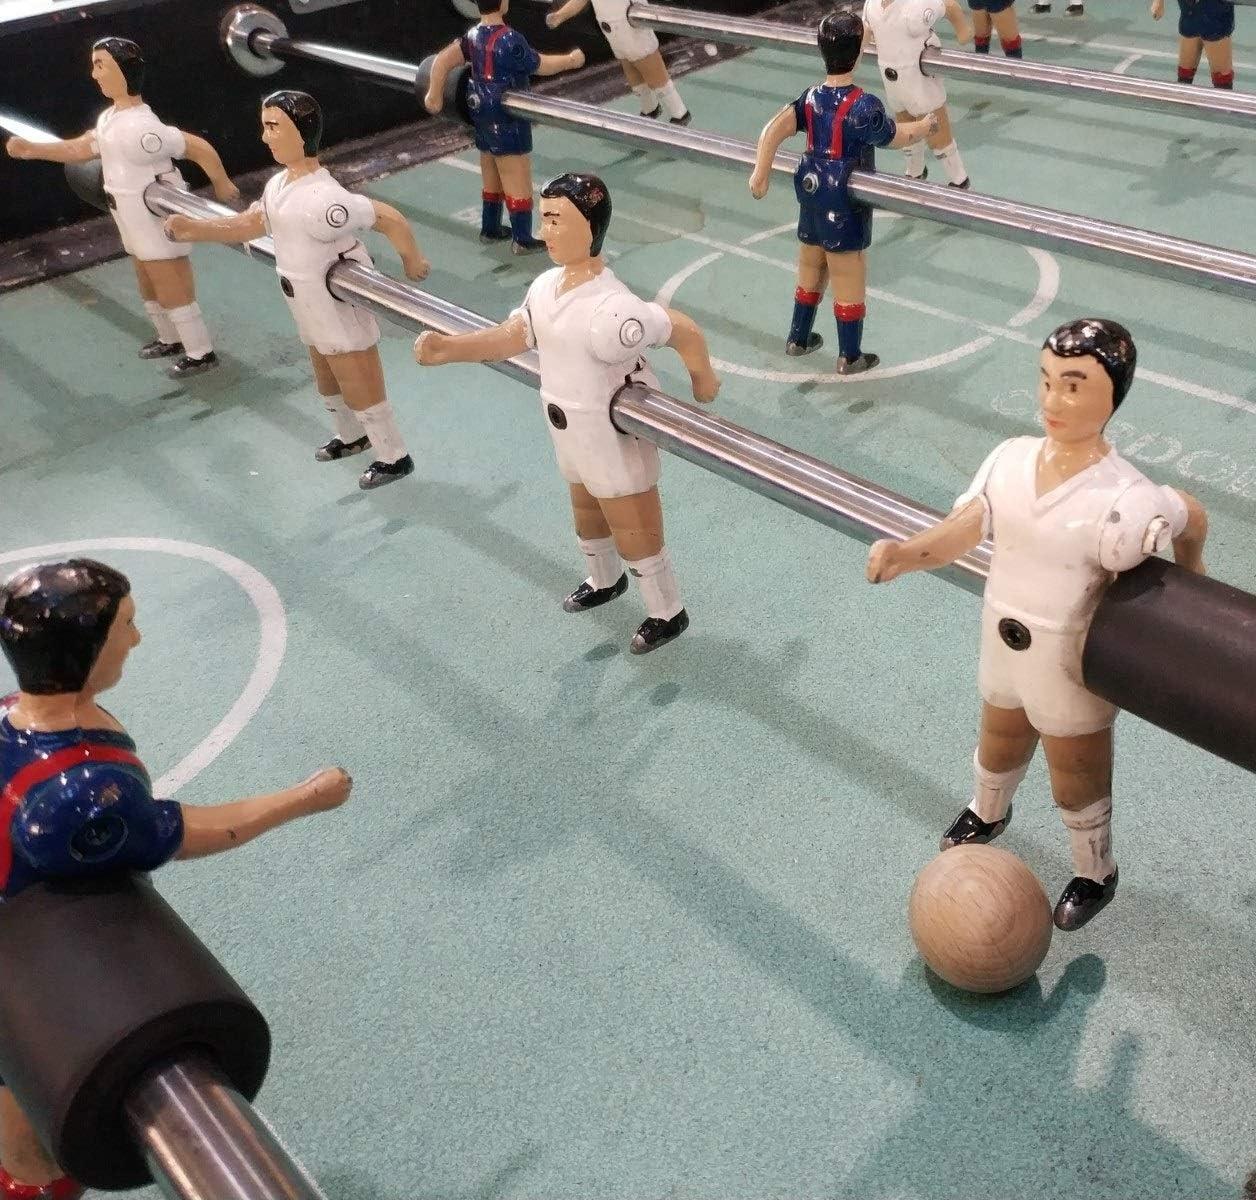 Gerileo Lote de 10/20/30 Bolas de futbolín de Madera de Haya 33mm - Remplazo, Recambio, balones, Pelota (20 Bolas): Amazon.es: Juguetes y juegos